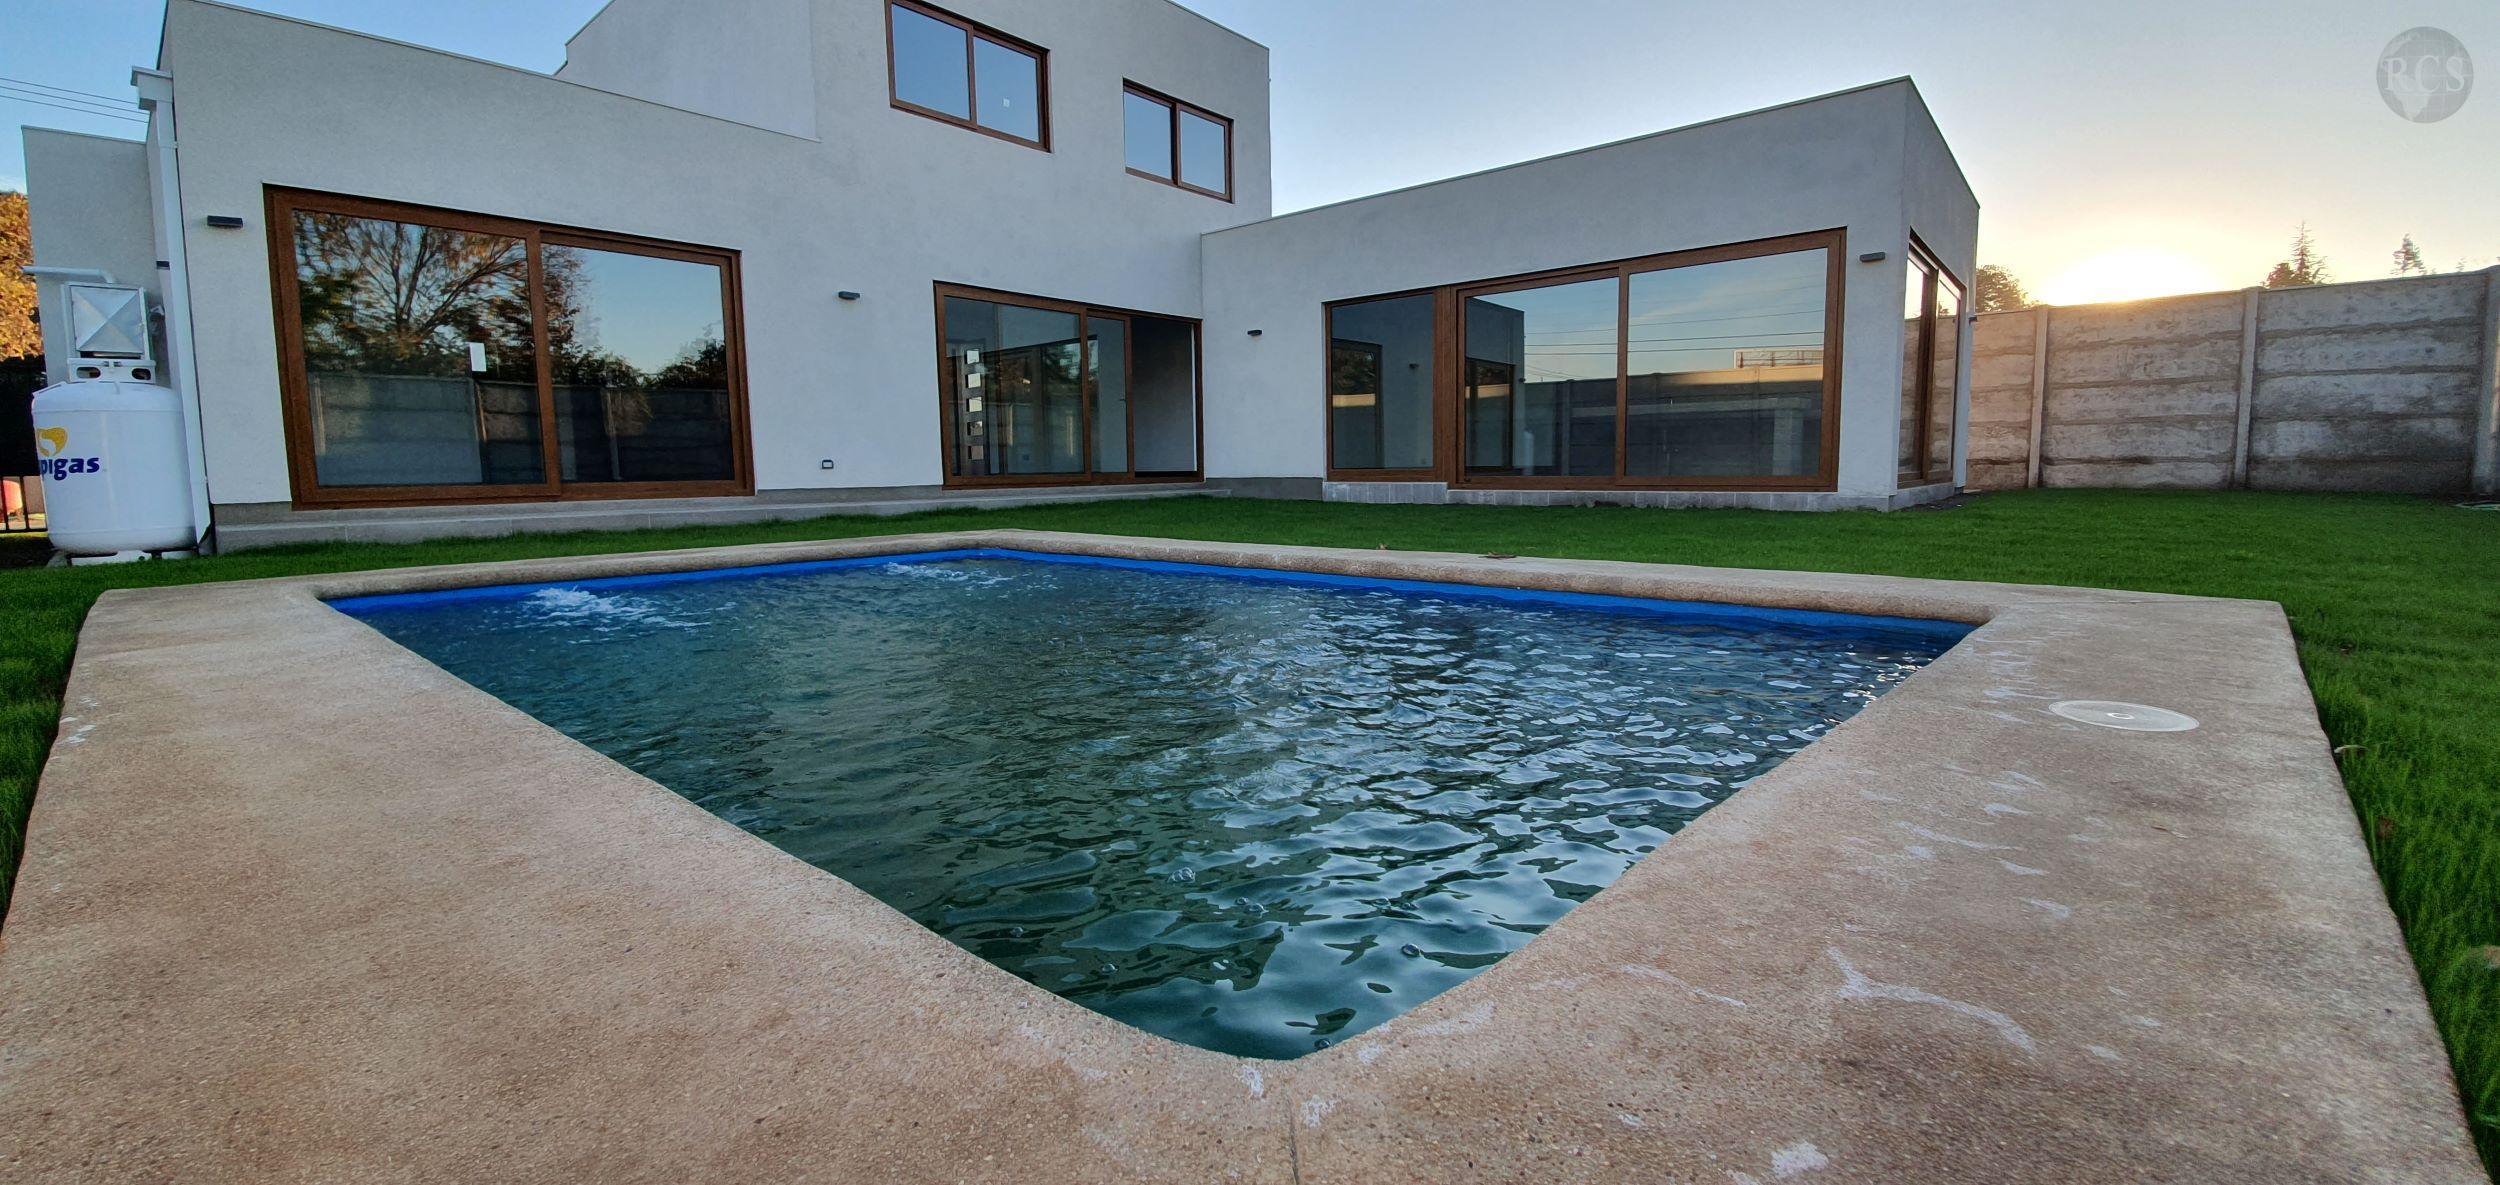 Vendo hermosa casa en condominio  cerrado a 2 cuadras Colegio Ingles